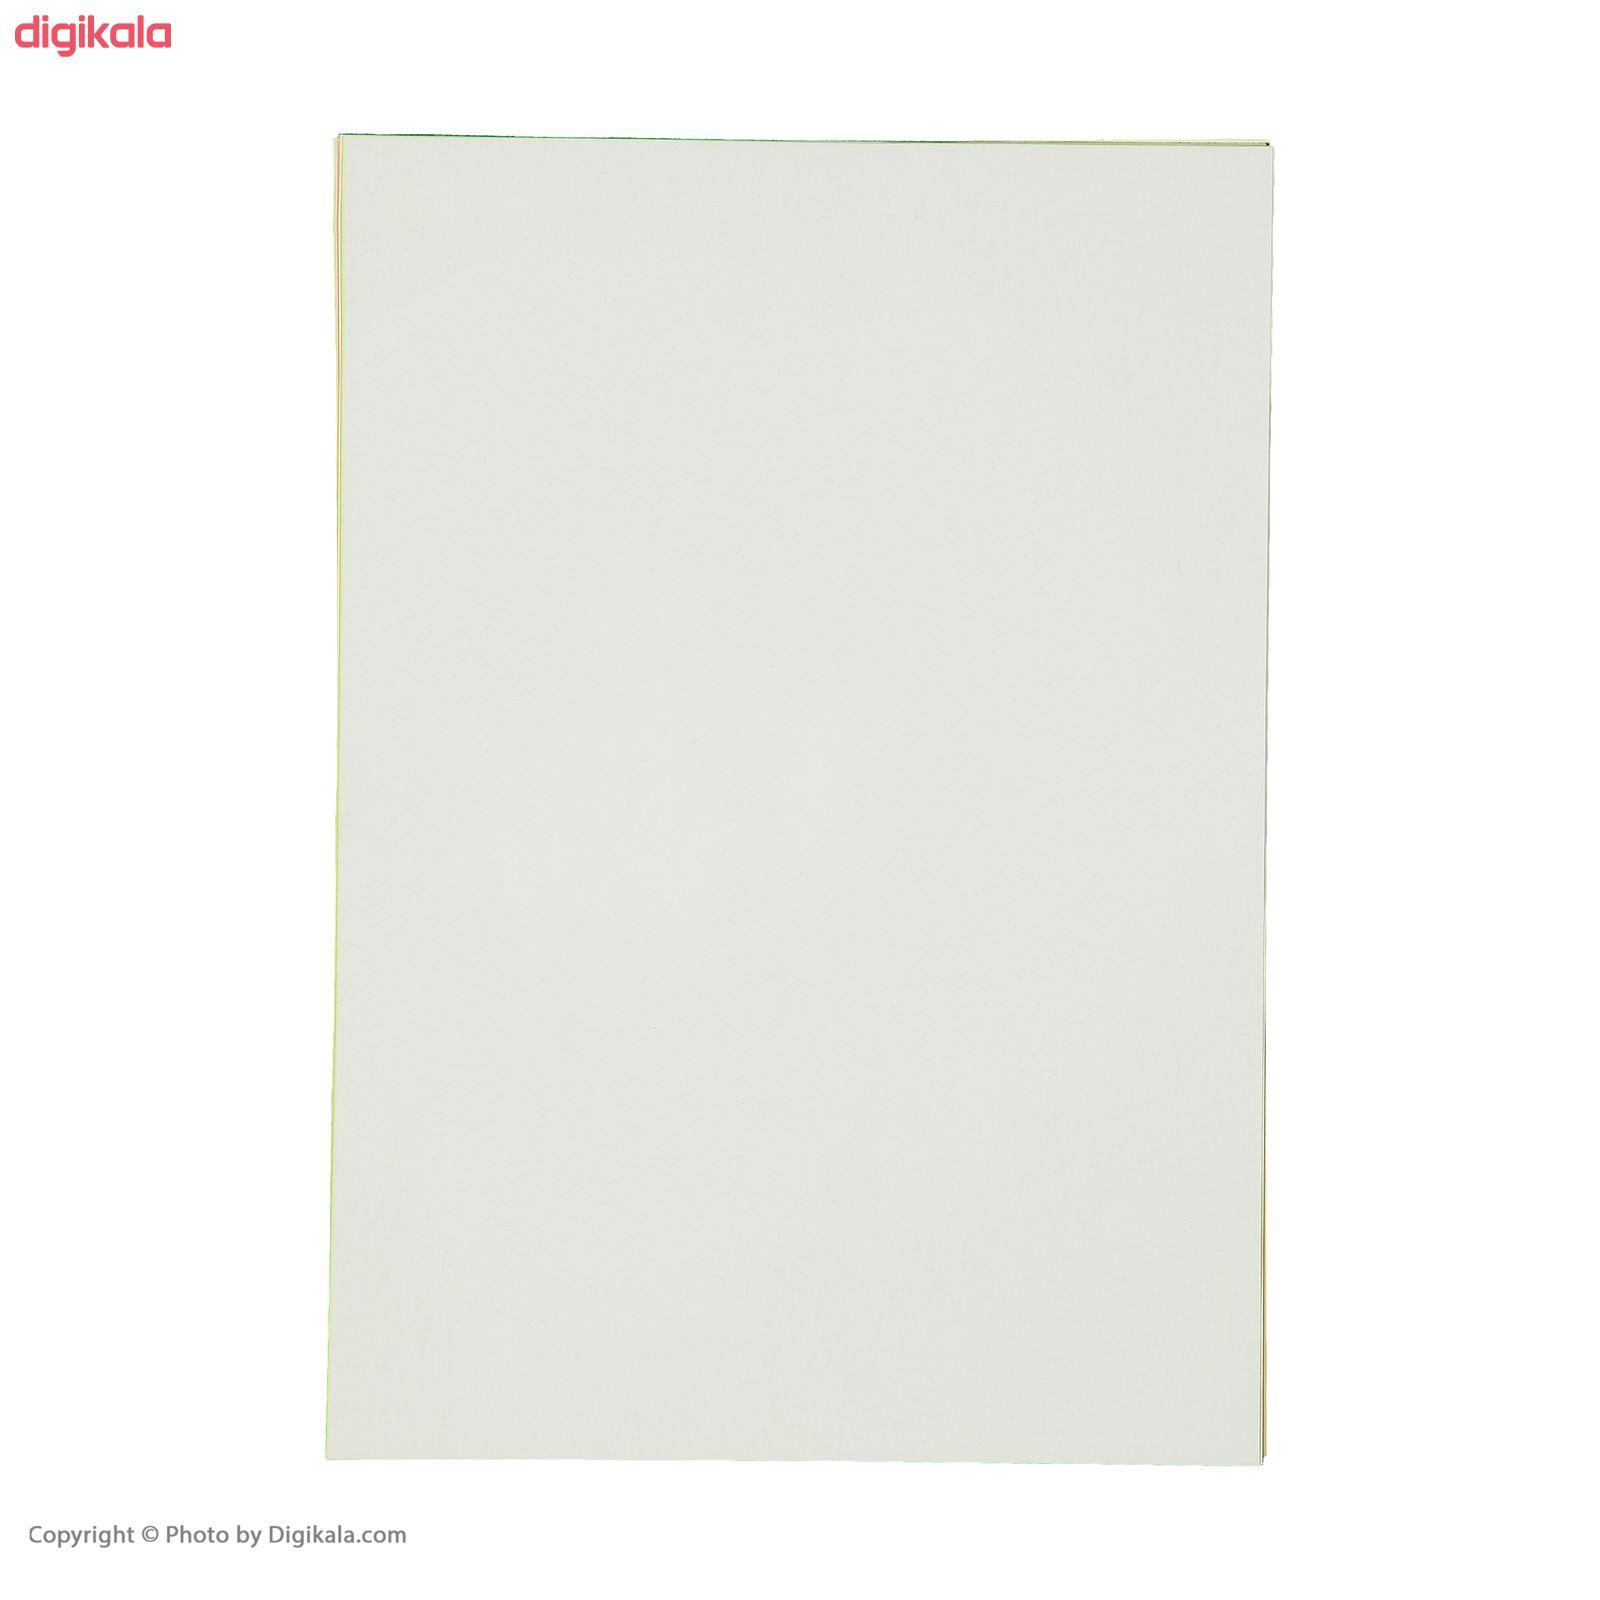 کاغذ رنگی 20 برگ ره آورد کد 05 سایز A4 main 1 5